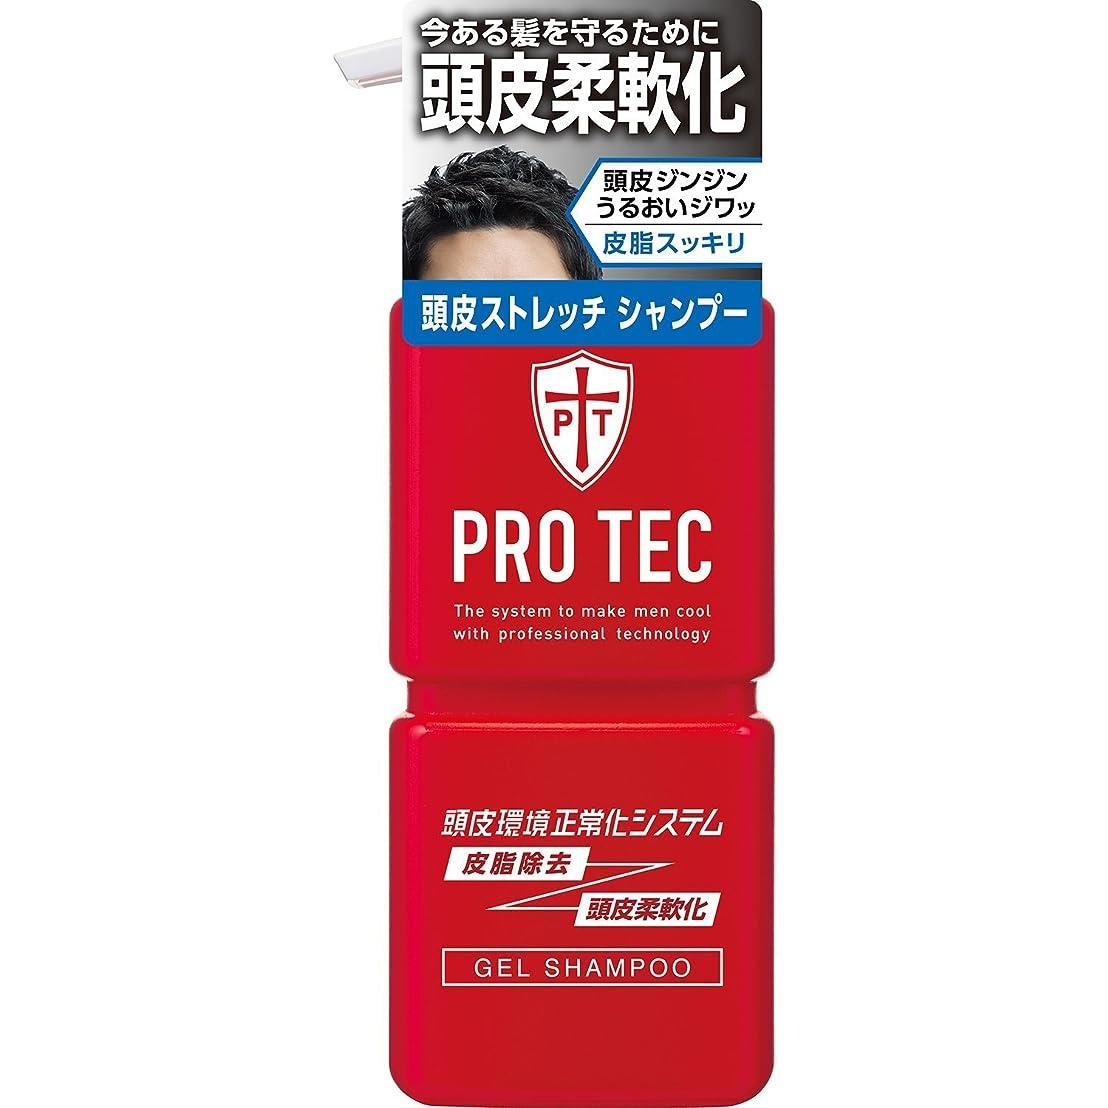 前投薬スラダムすずめPRO TEC(プロテク) 頭皮ストレッチシャンプー ポンプ 300g (医薬部外品) ×10個セット